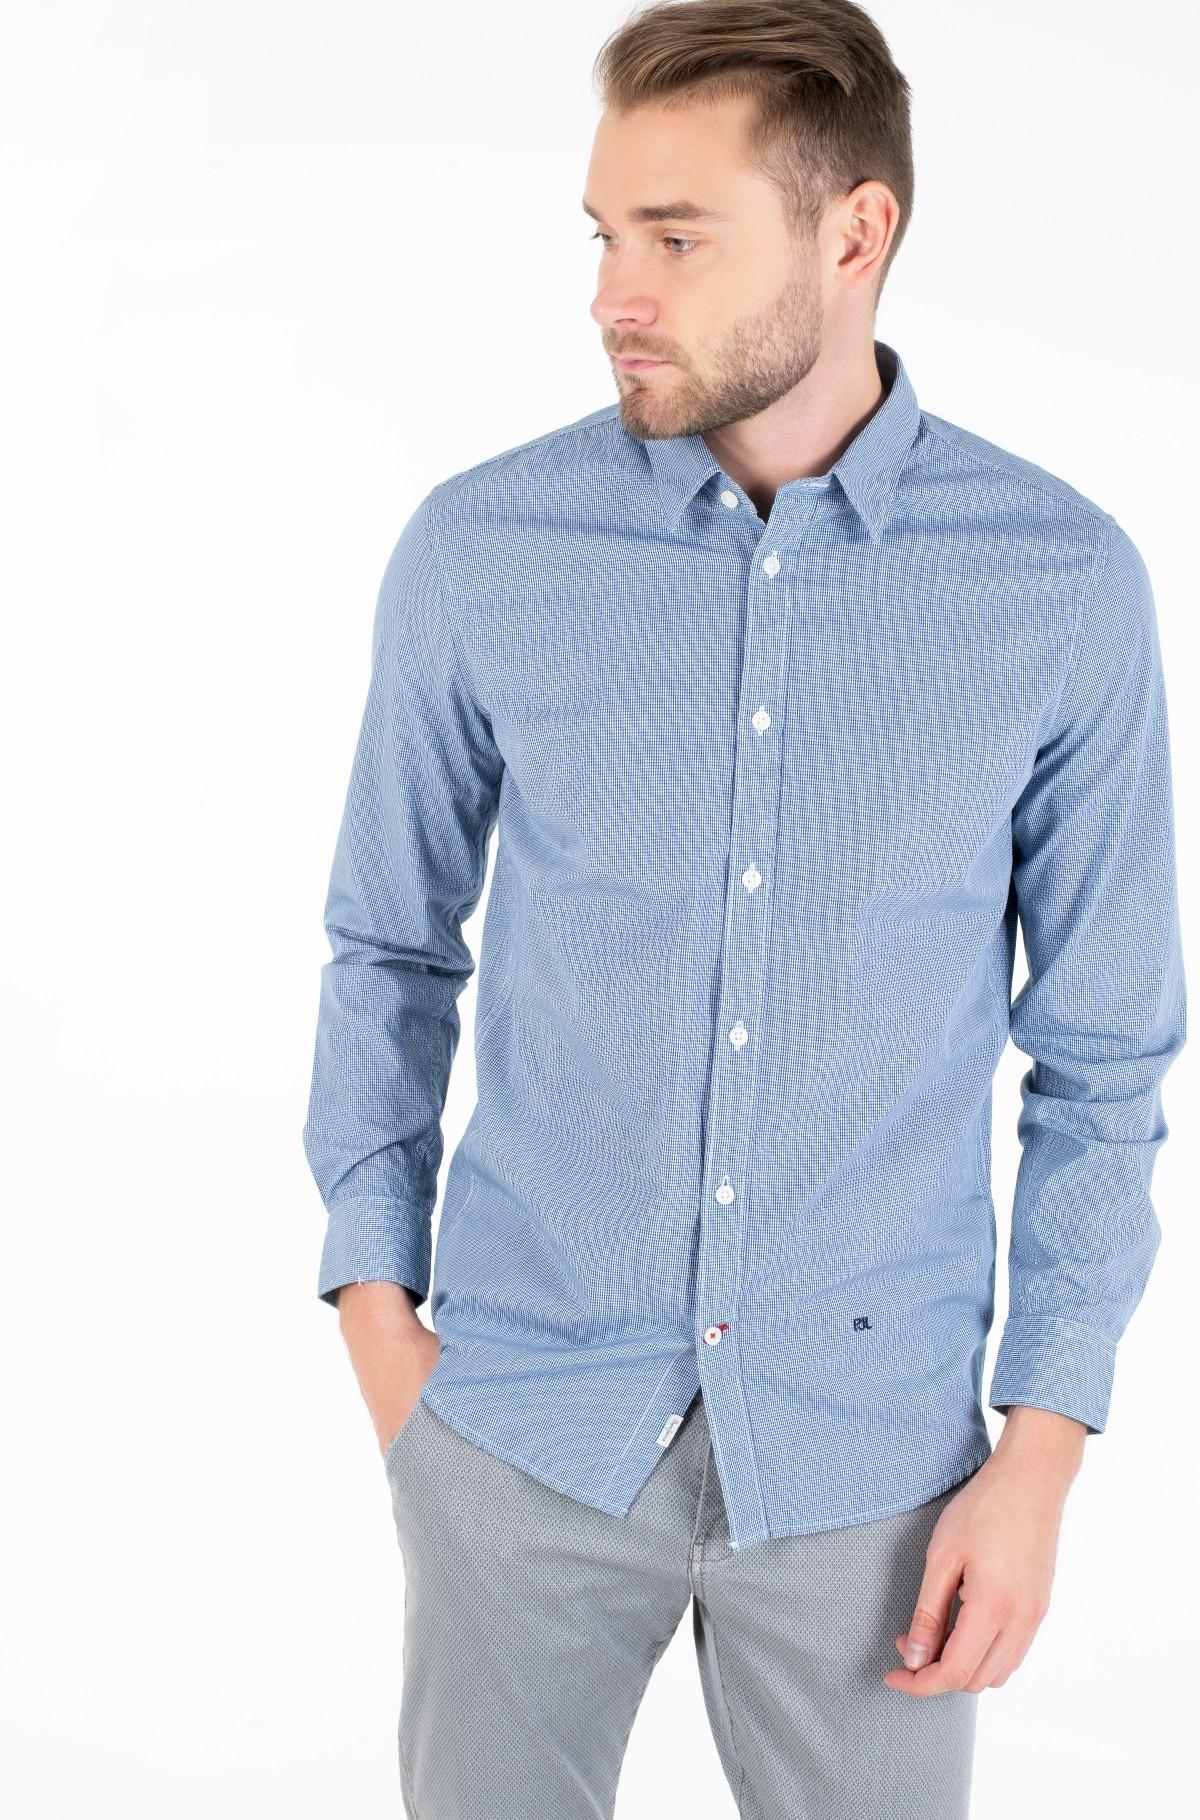 Marškiniai DYLAN/PM306159-full-1